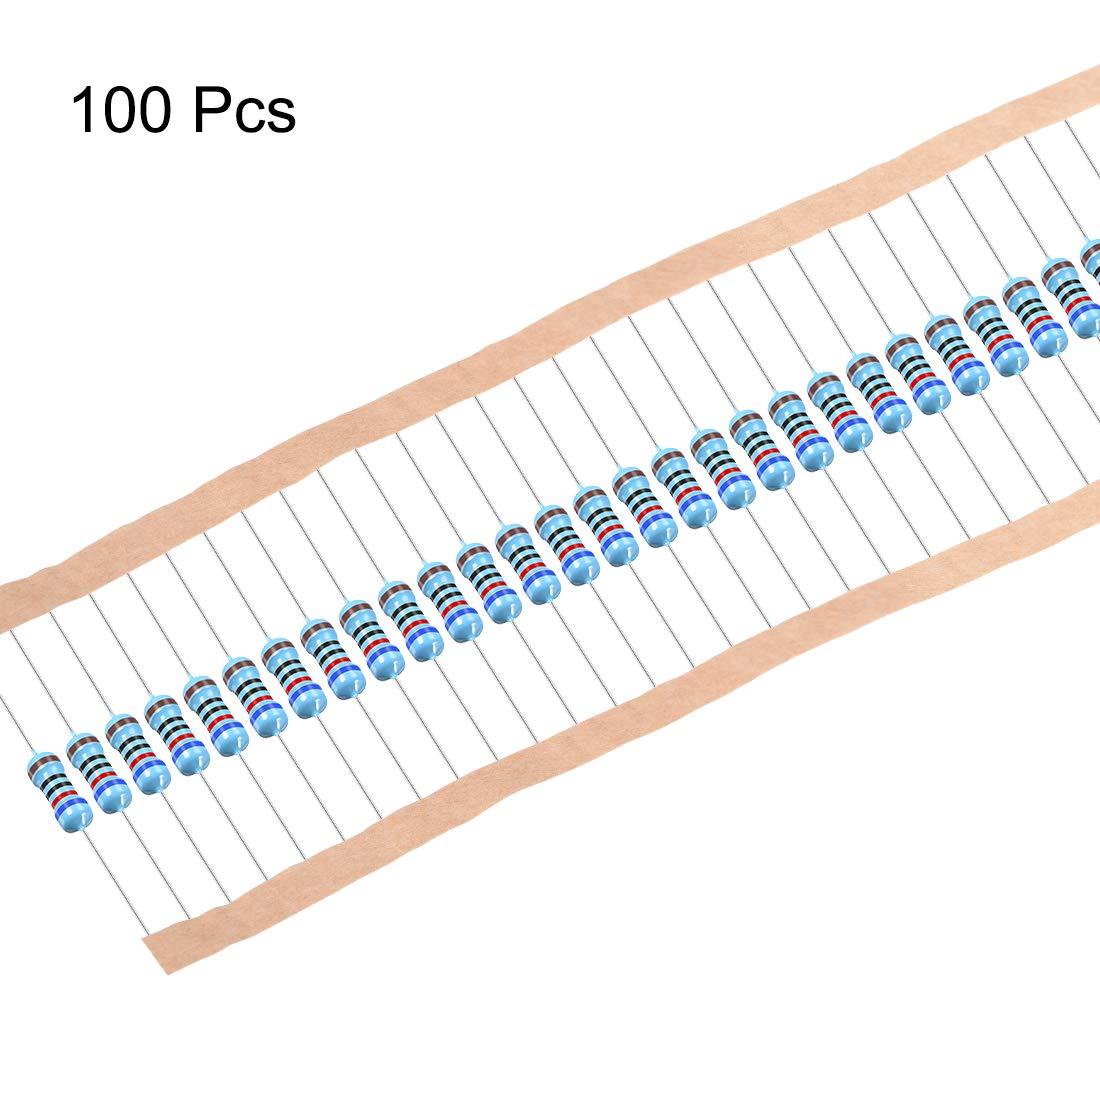 sourcing map 1//2W 1K Ohm Metal Film Resistors 0.5W 1/% Tolerances 5 Color Bands 100 Pcs